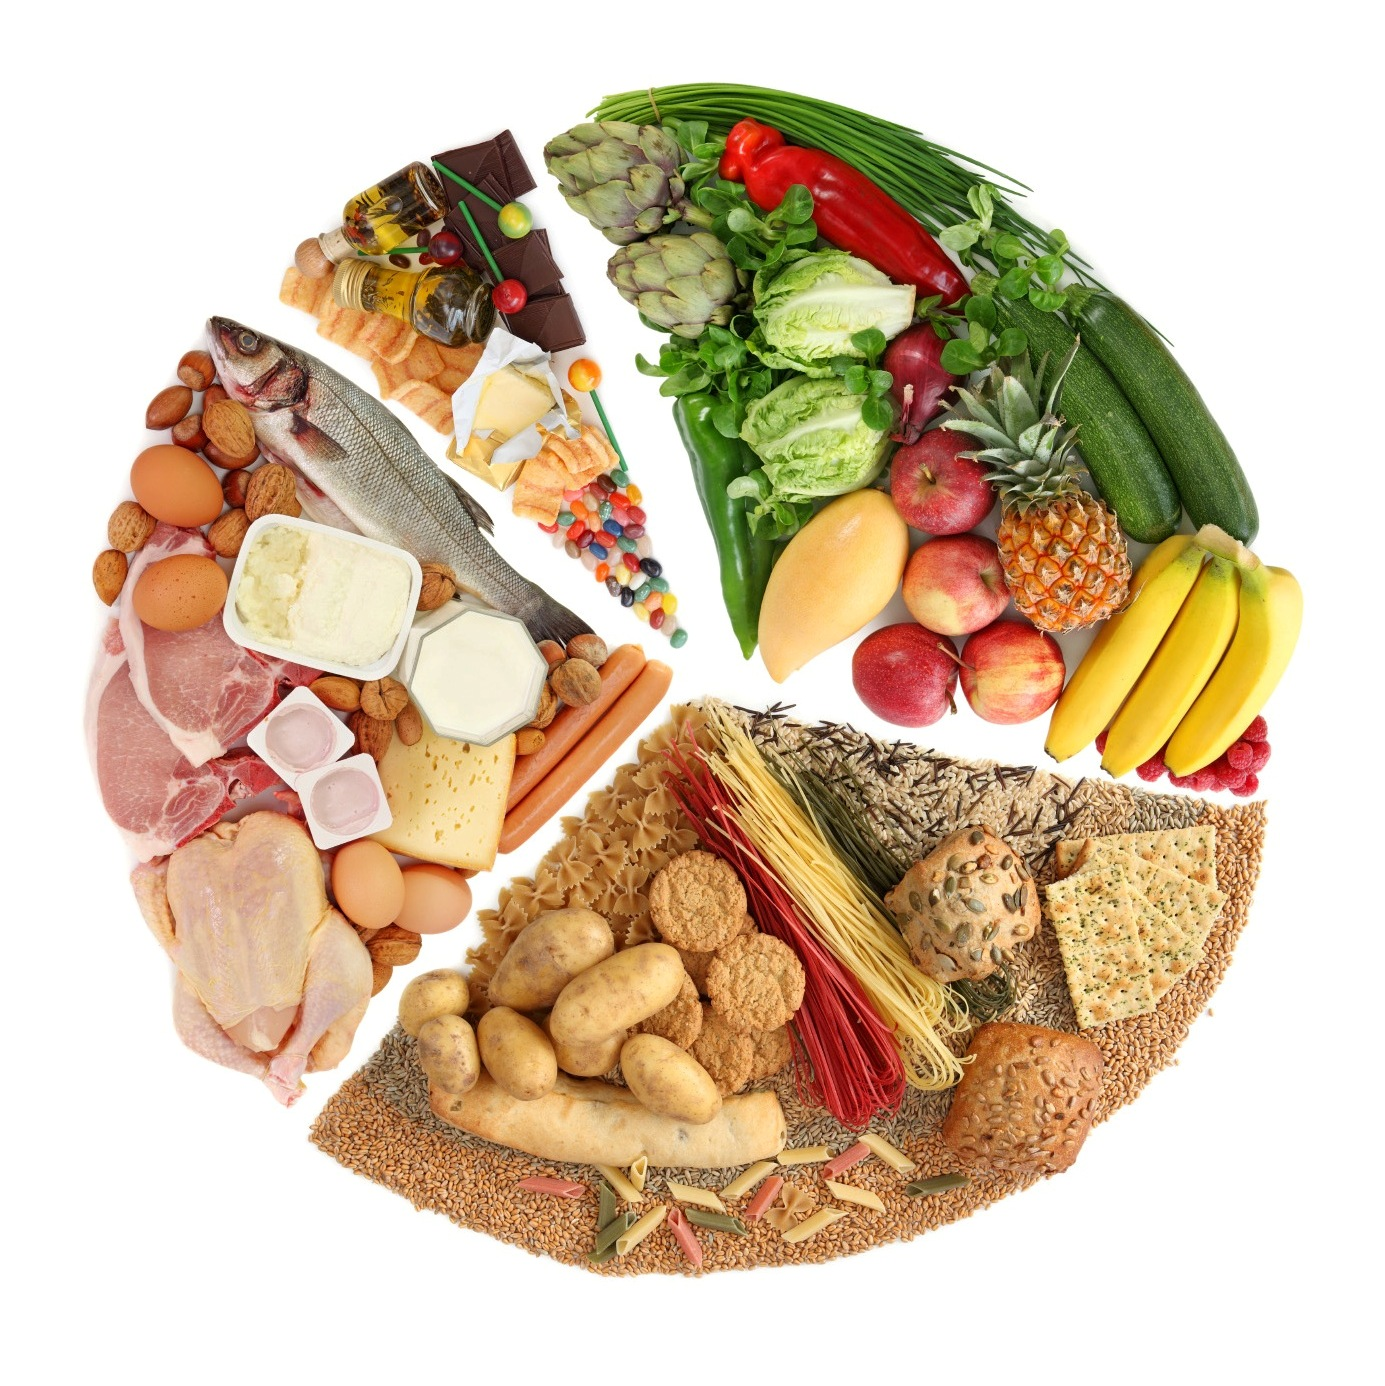 питание для кормящей мамы для похудения